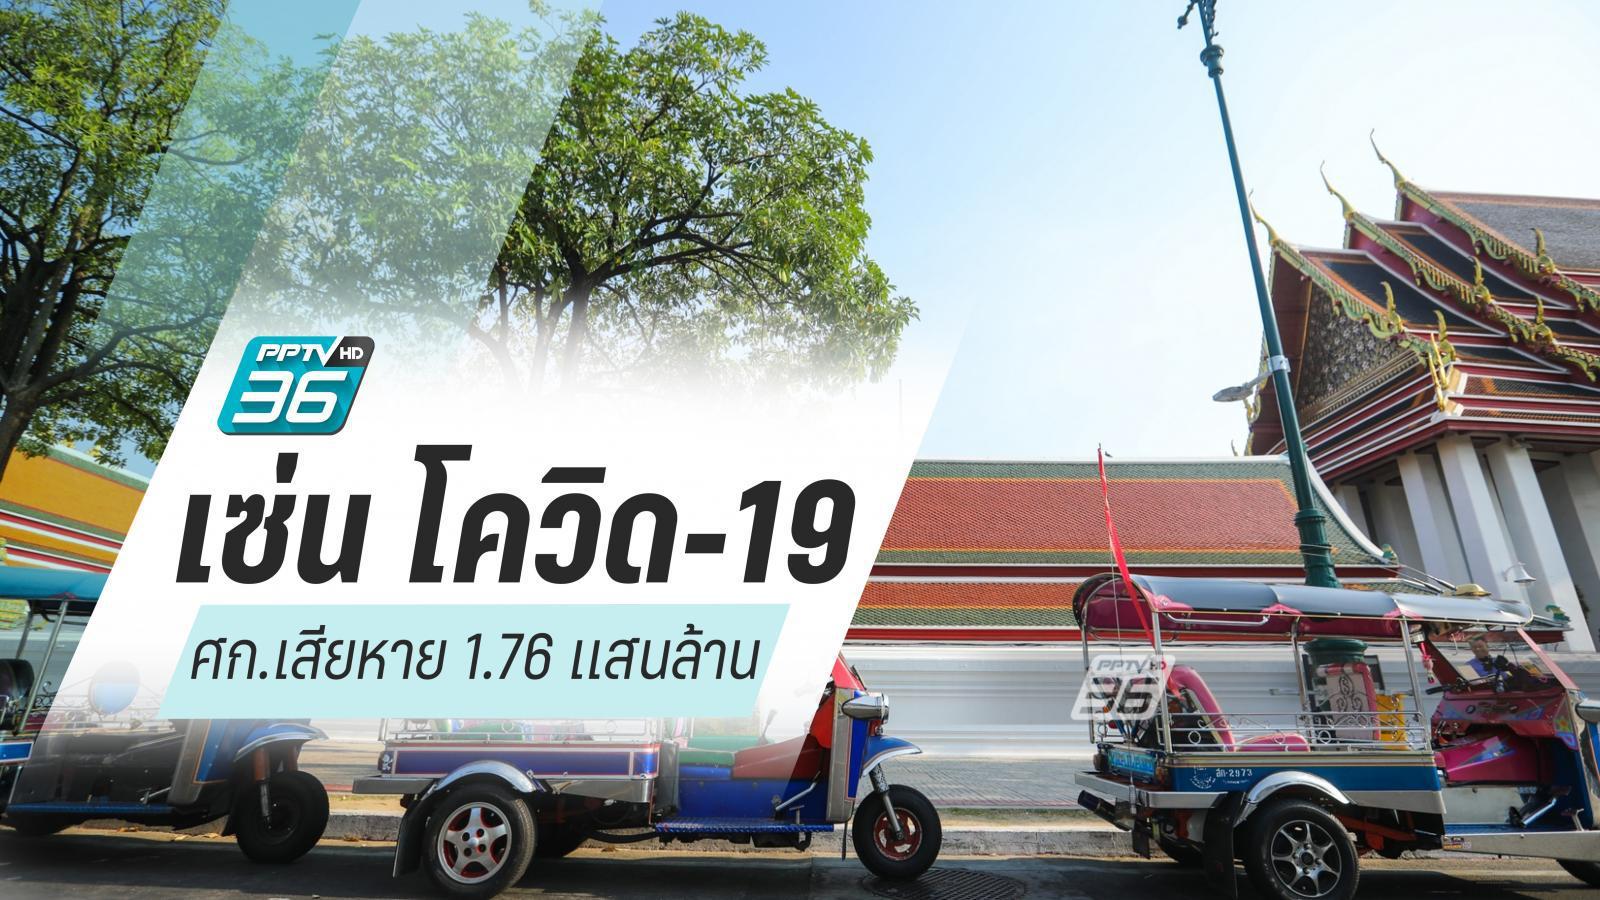 เอดีบี วิเคราะห์เศรษฐกิจไทยกระทบโควิด 19  เสียหาย 1.76 แสนล้านบาท